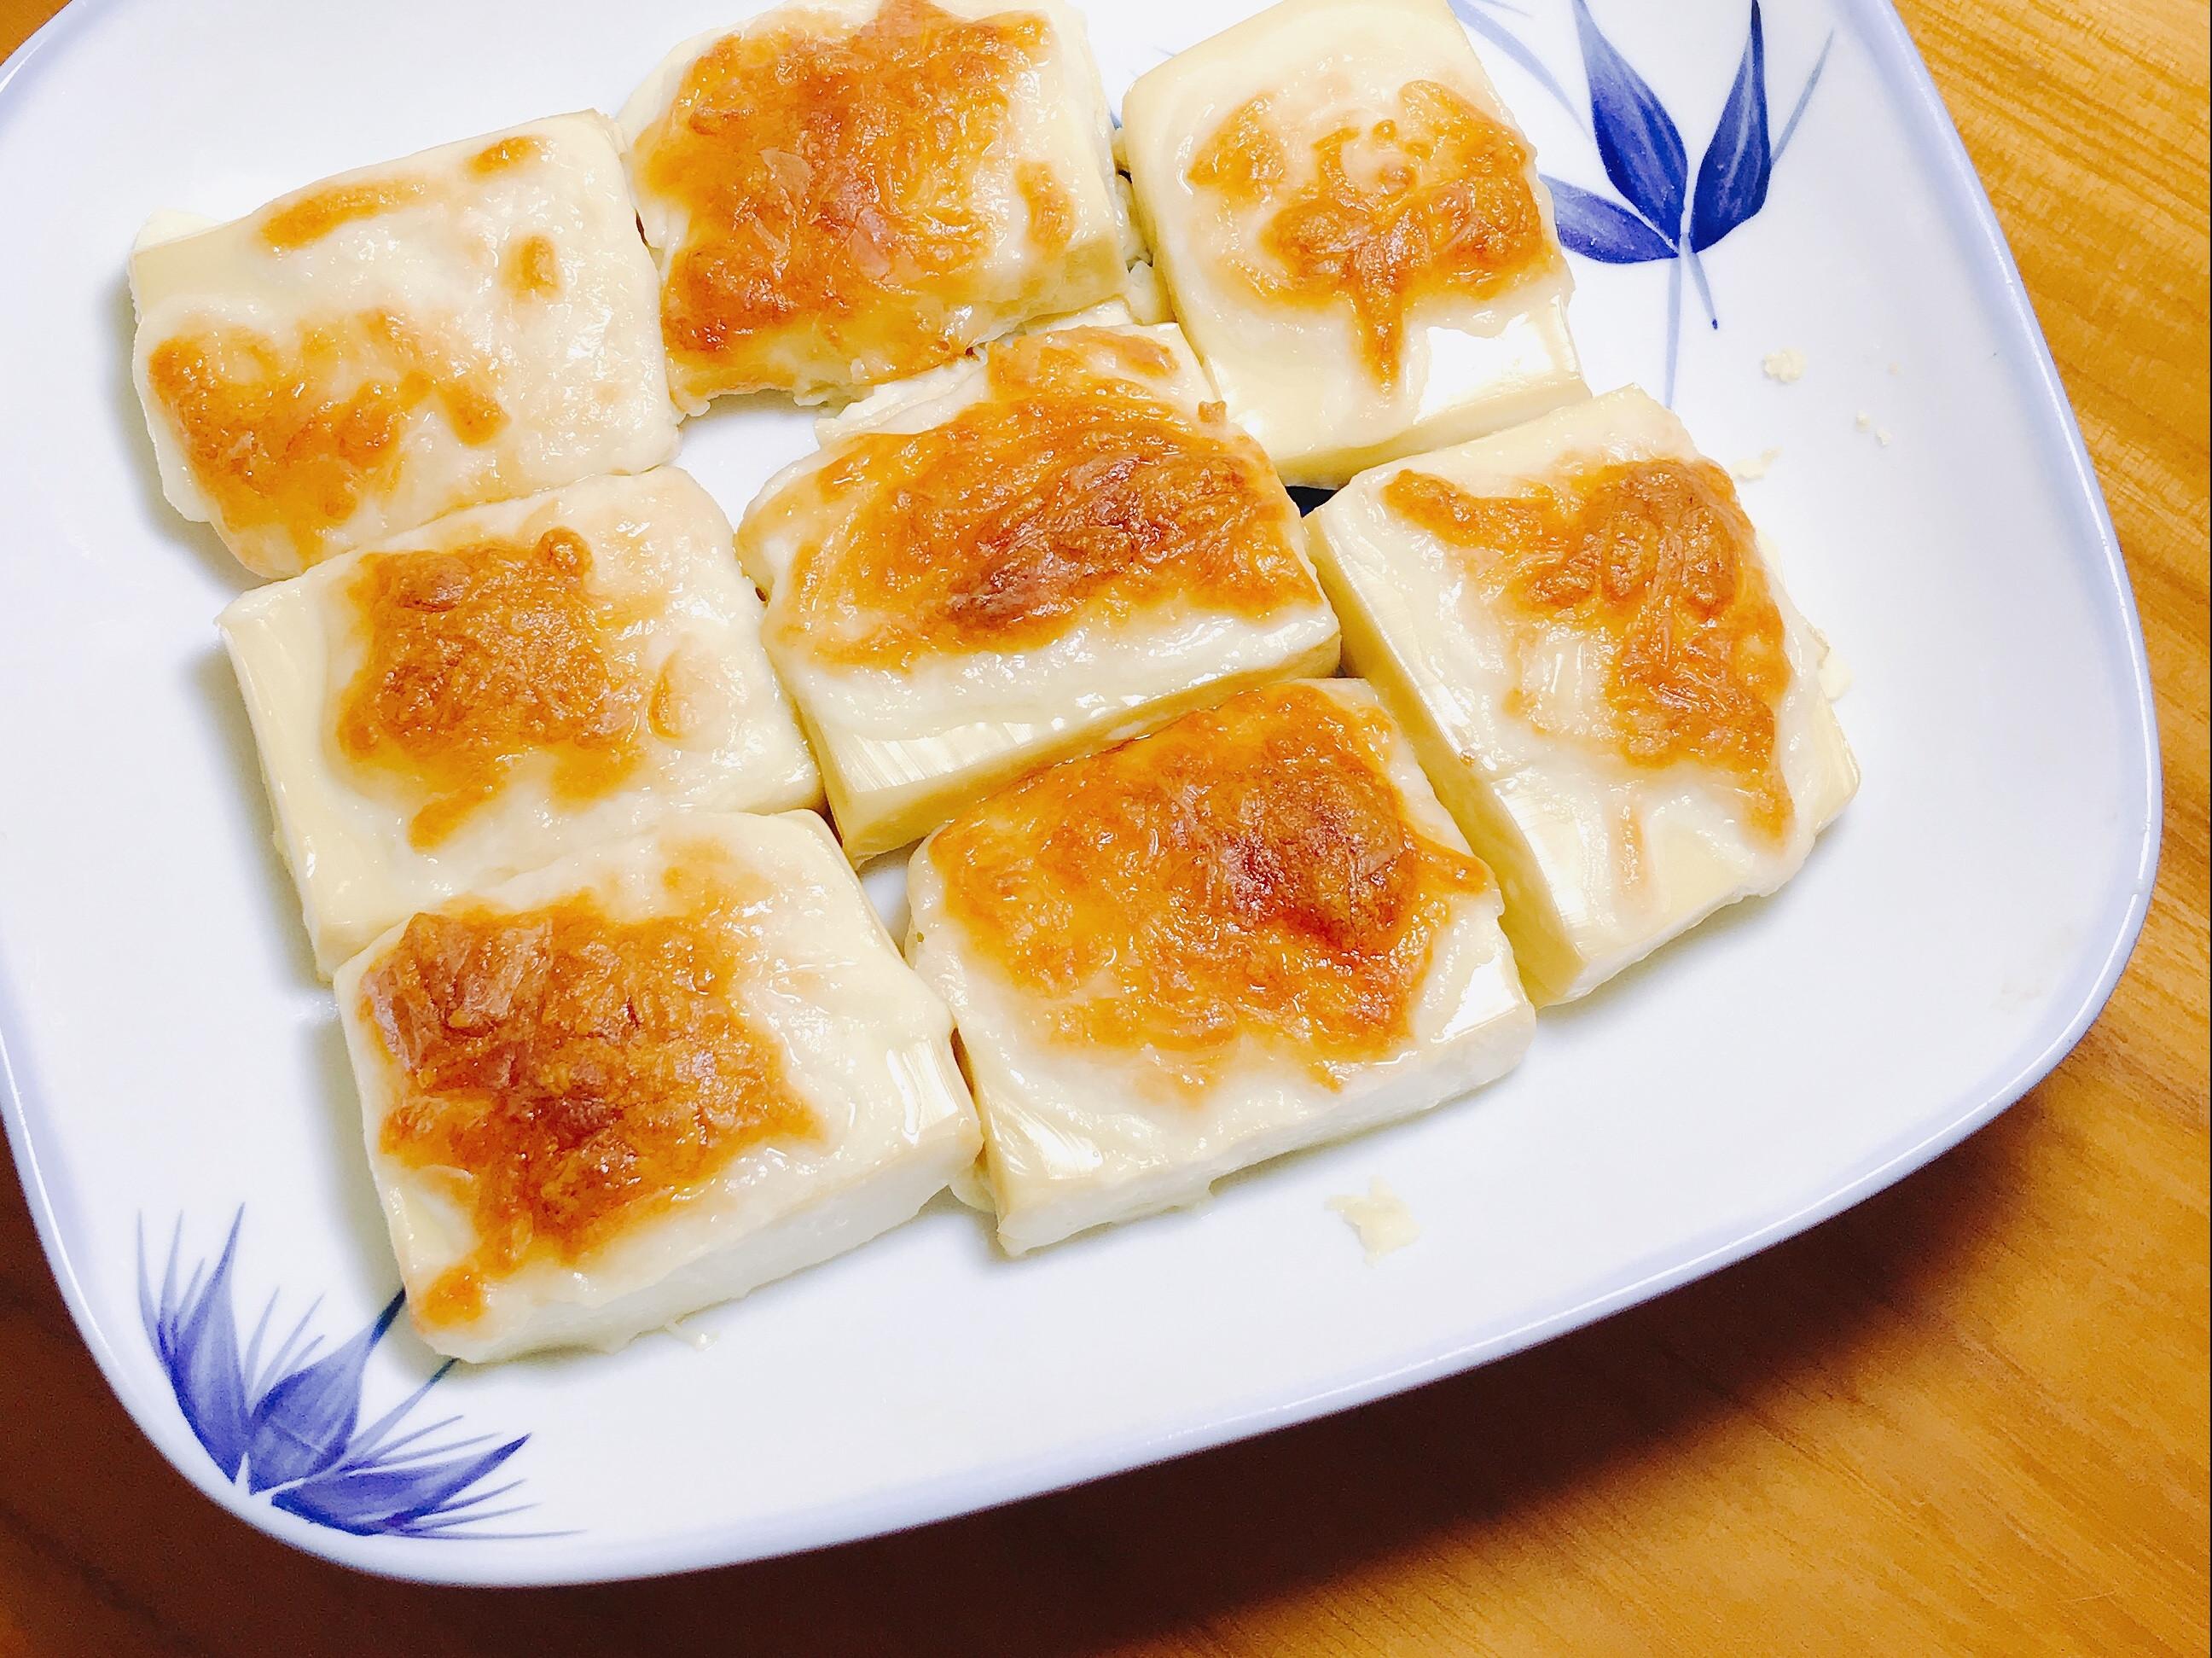 乳酪雞蛋豆腐養顏美容好滋味